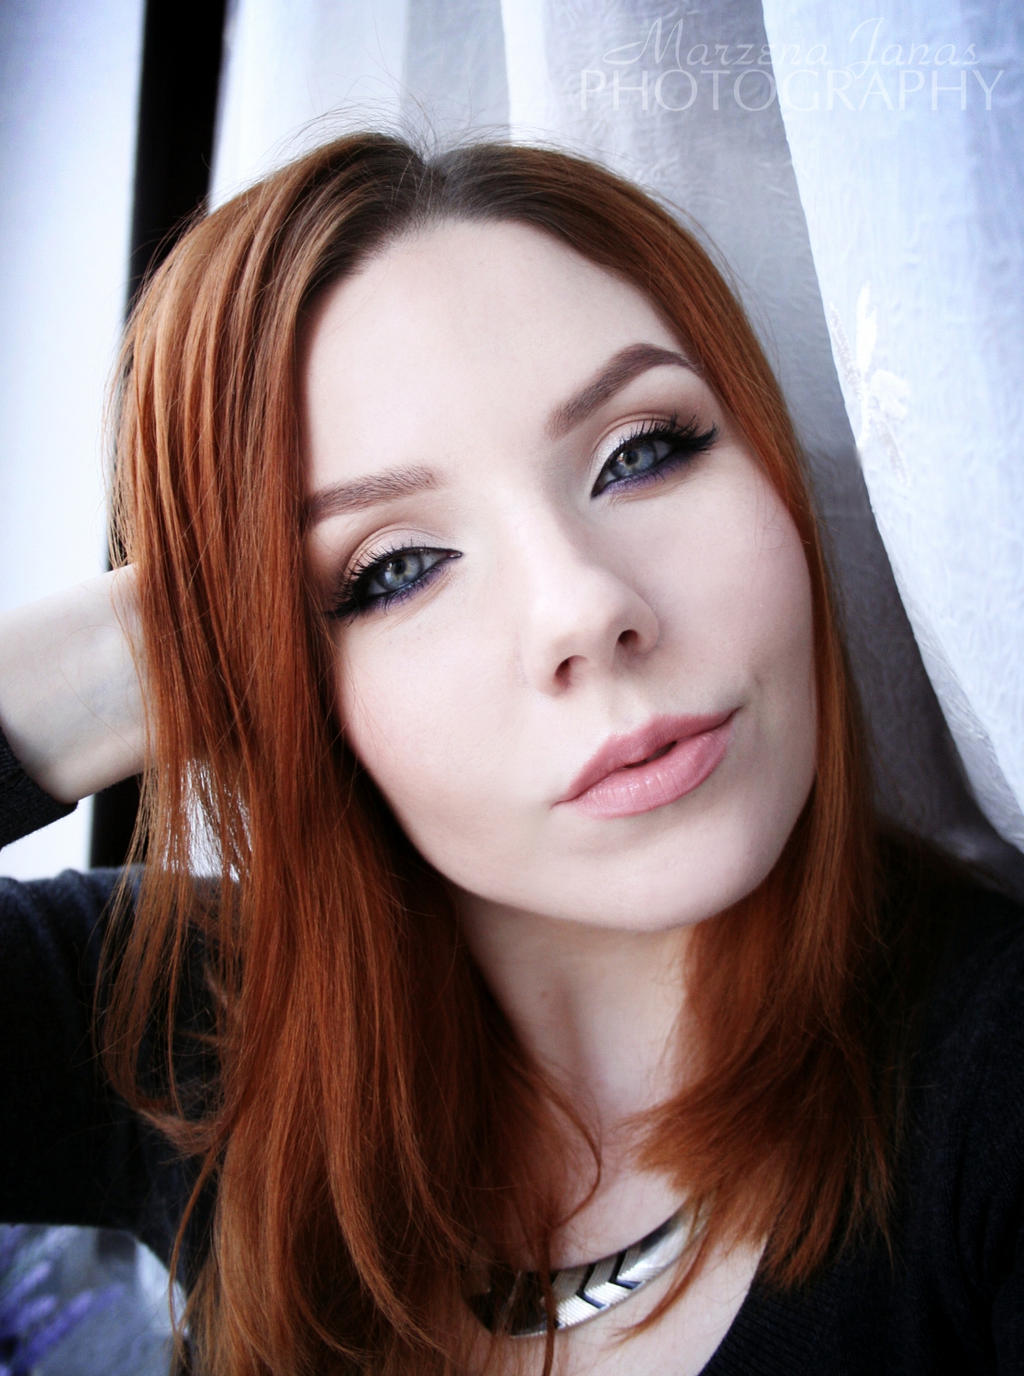 mrzn89's Profile Picture